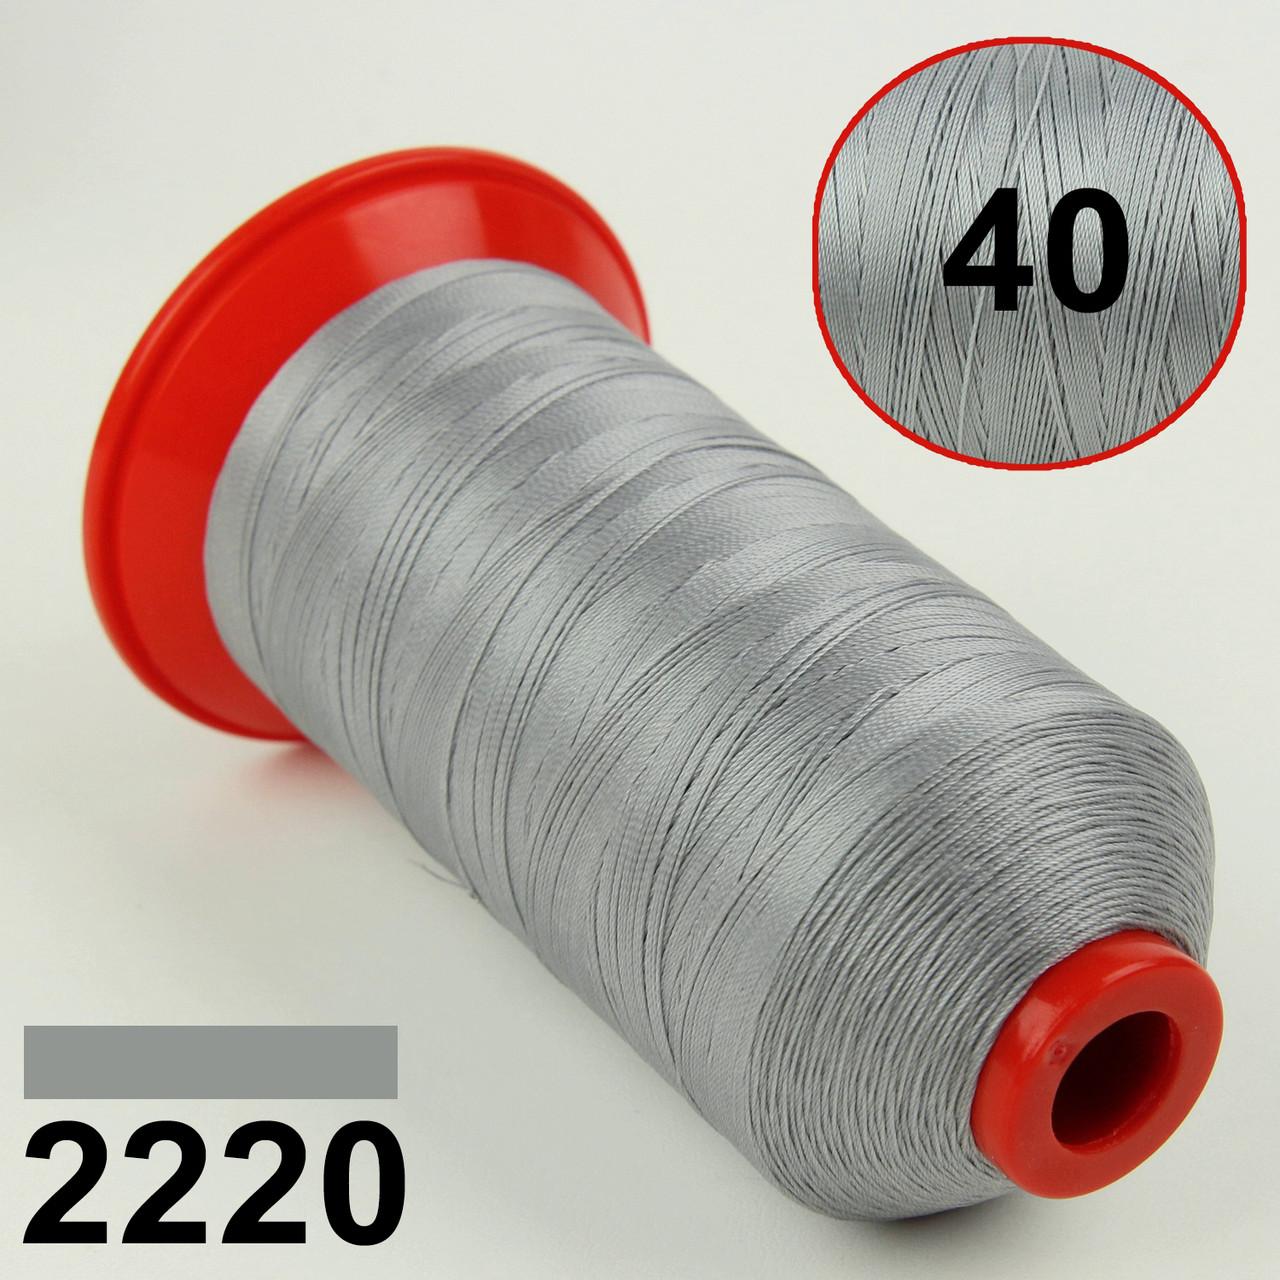 Нить POLYART(ПОЛИАРТ) N40 цвет 2220 светло-серый, для пошив чехлов на автомобильные сидения и руль, 3000м